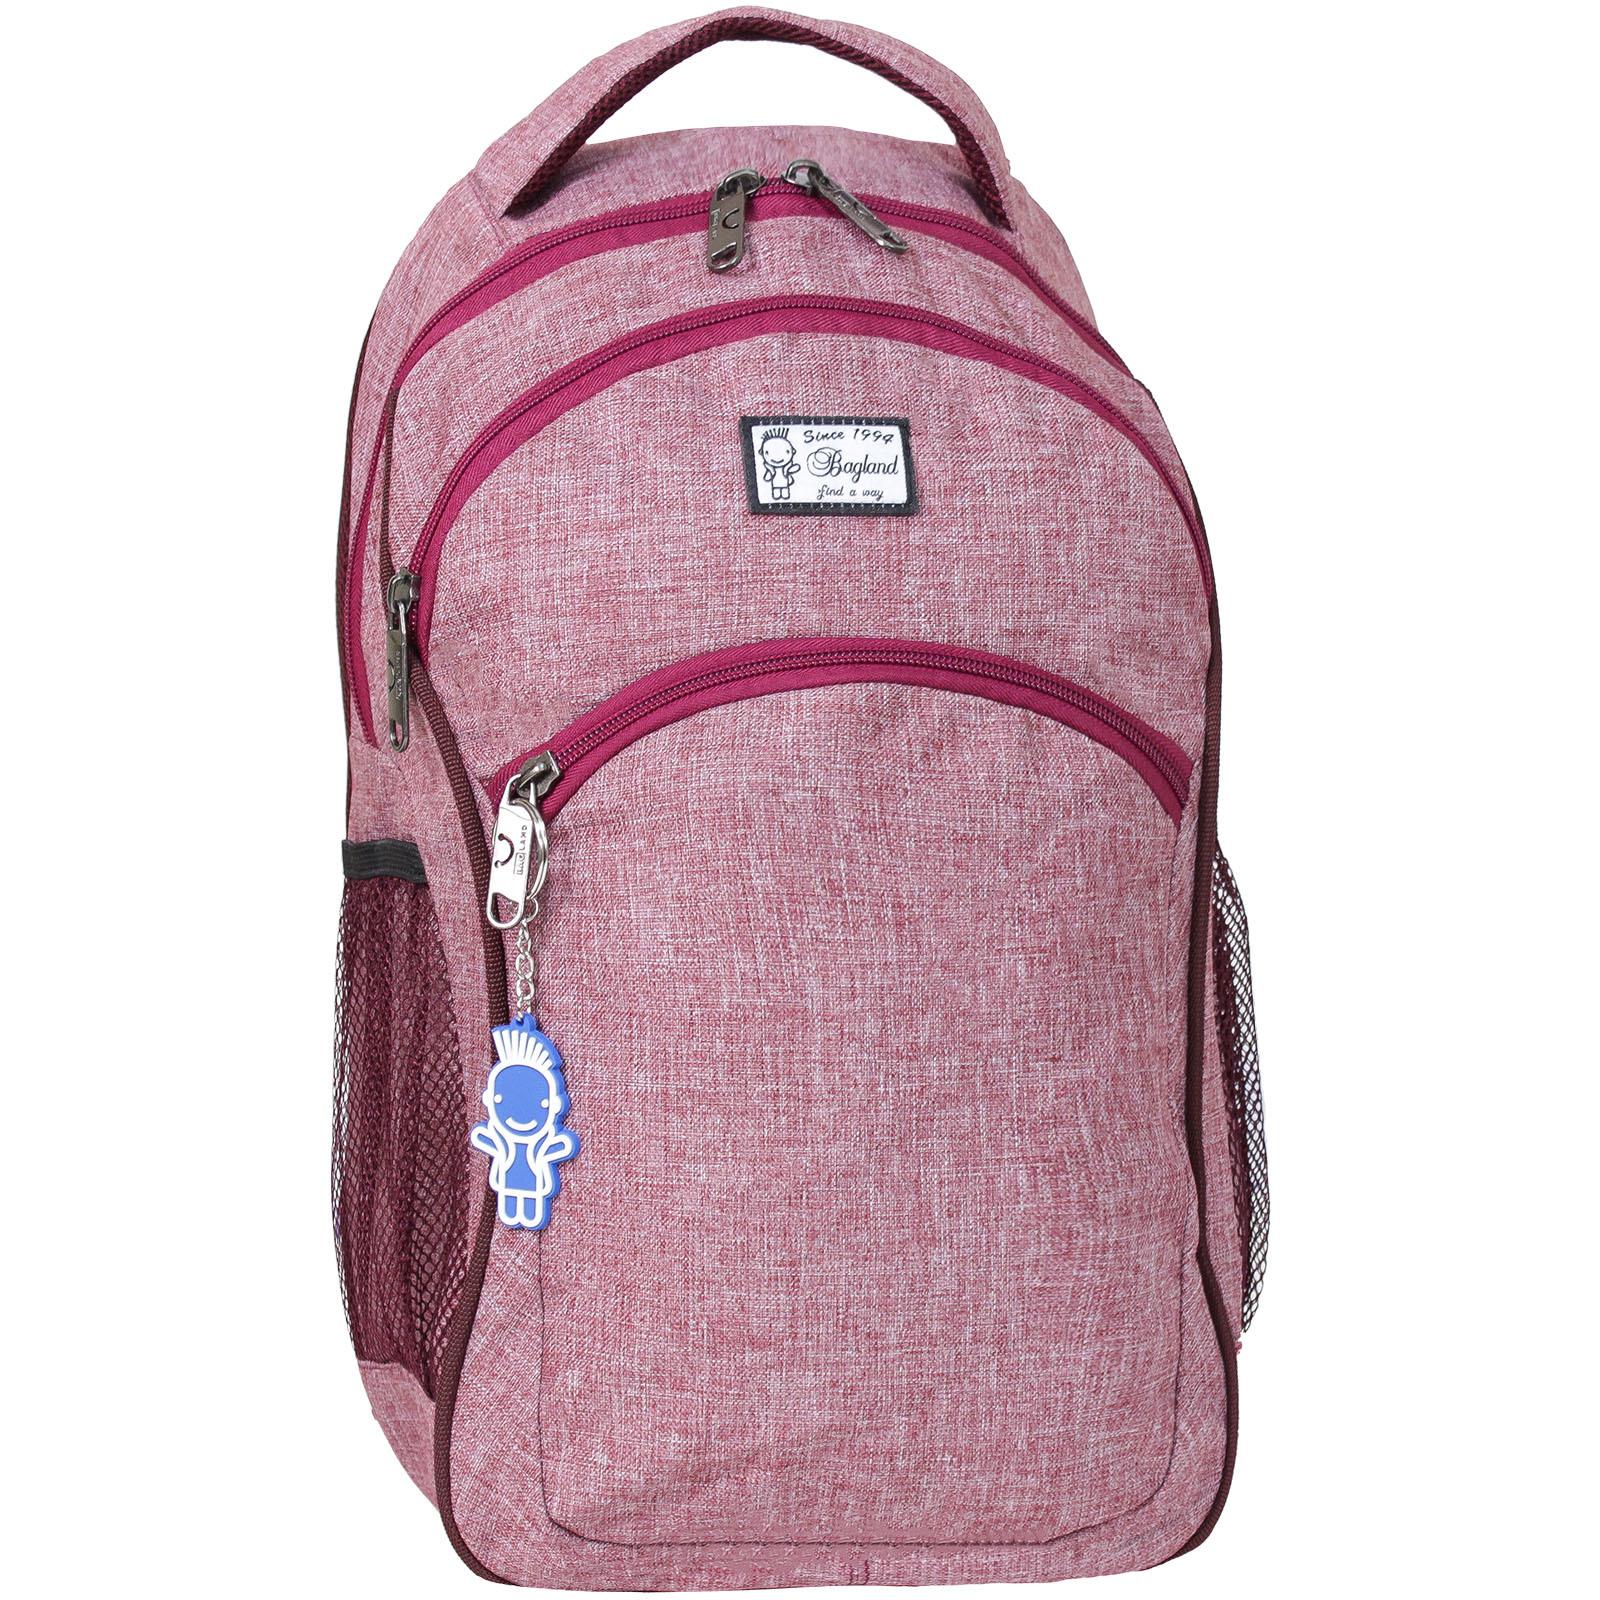 Городские рюкзаки Рюкзак Bagland Лик Меланж 19 л. Бордовый (0055769) IMG_8924-1600.jpg